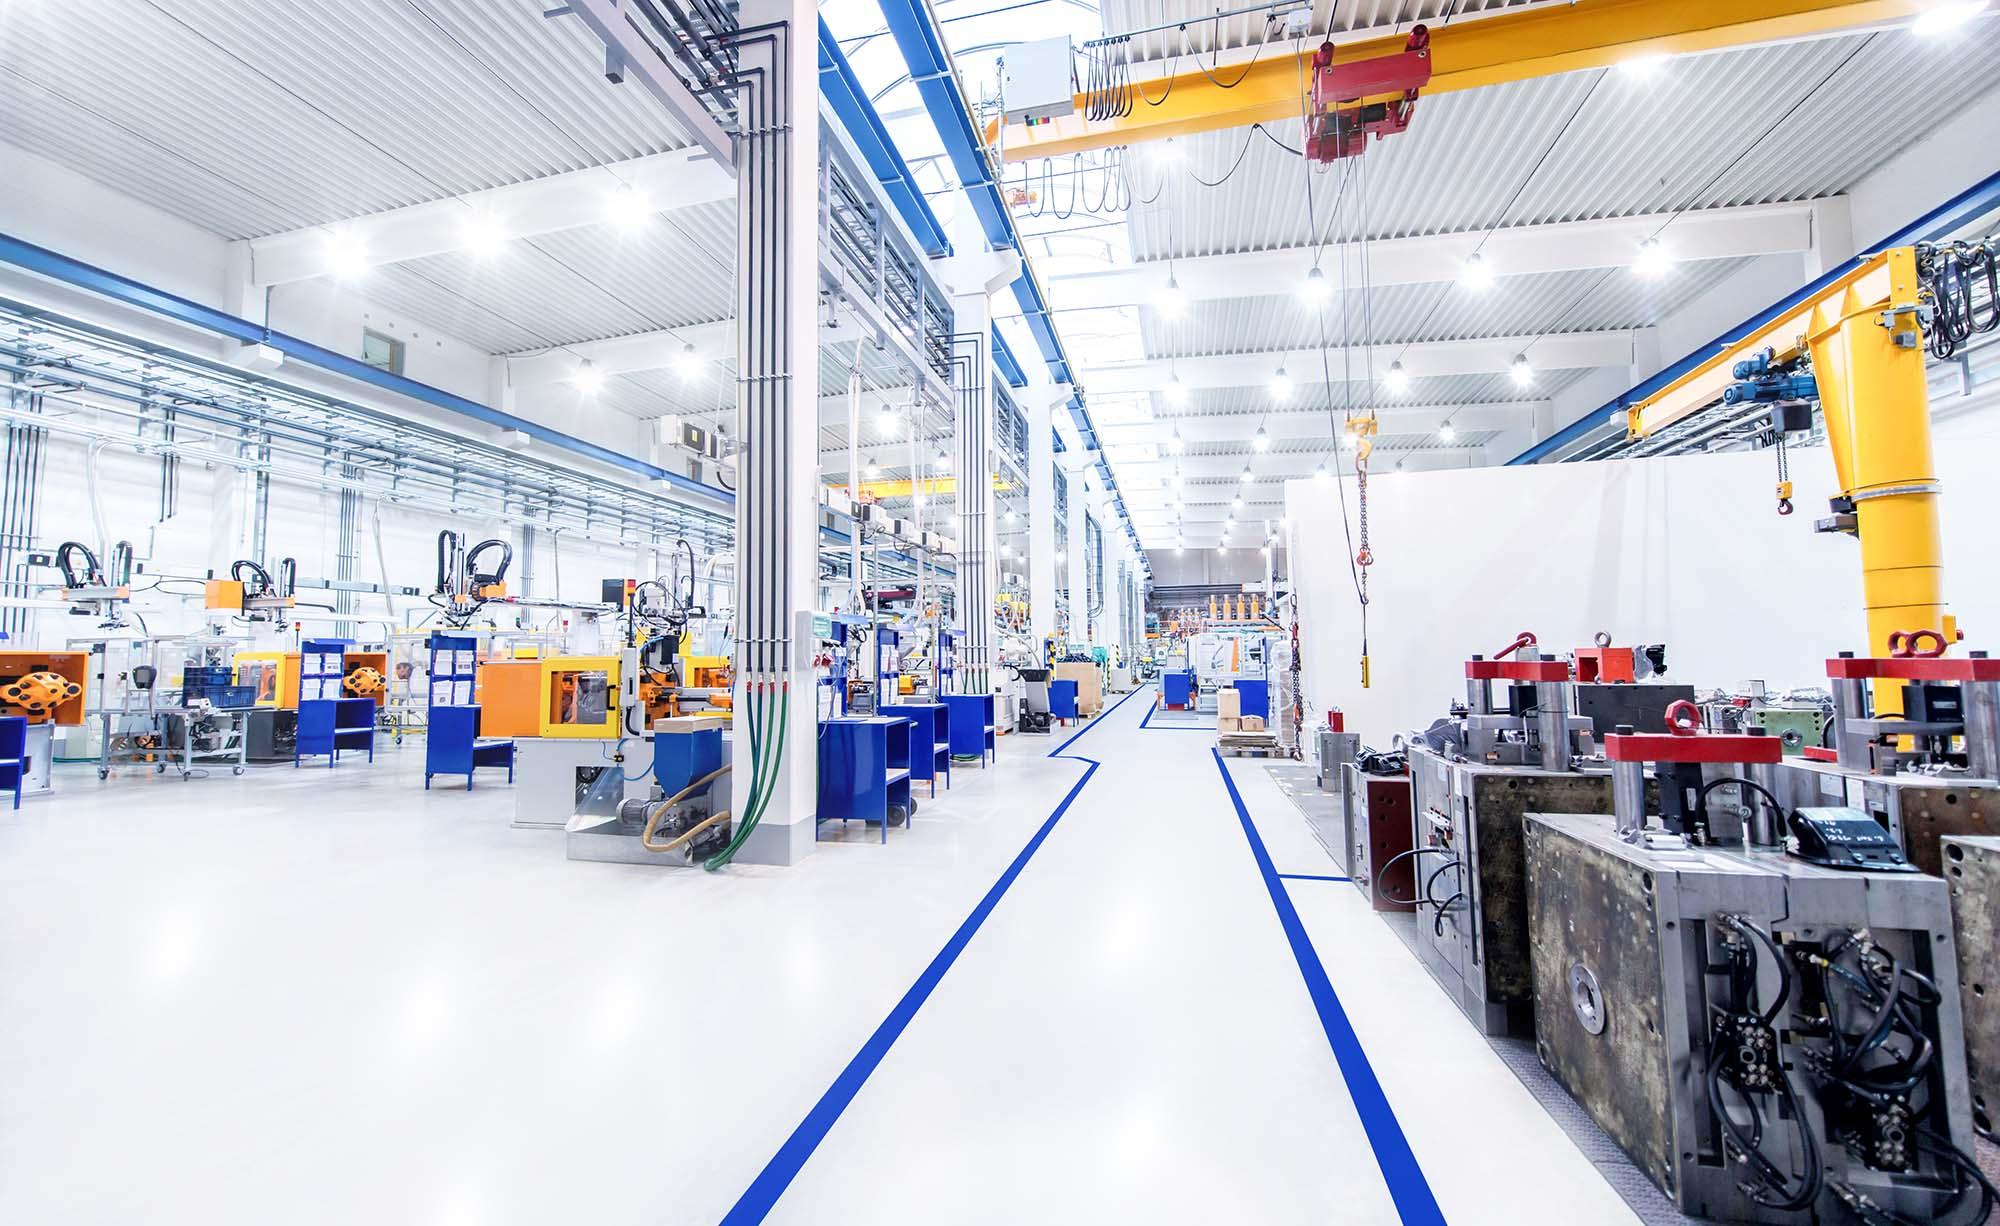 Unsere Pressen und automatisierte Produktionslinie in kunststoff-spritzguss